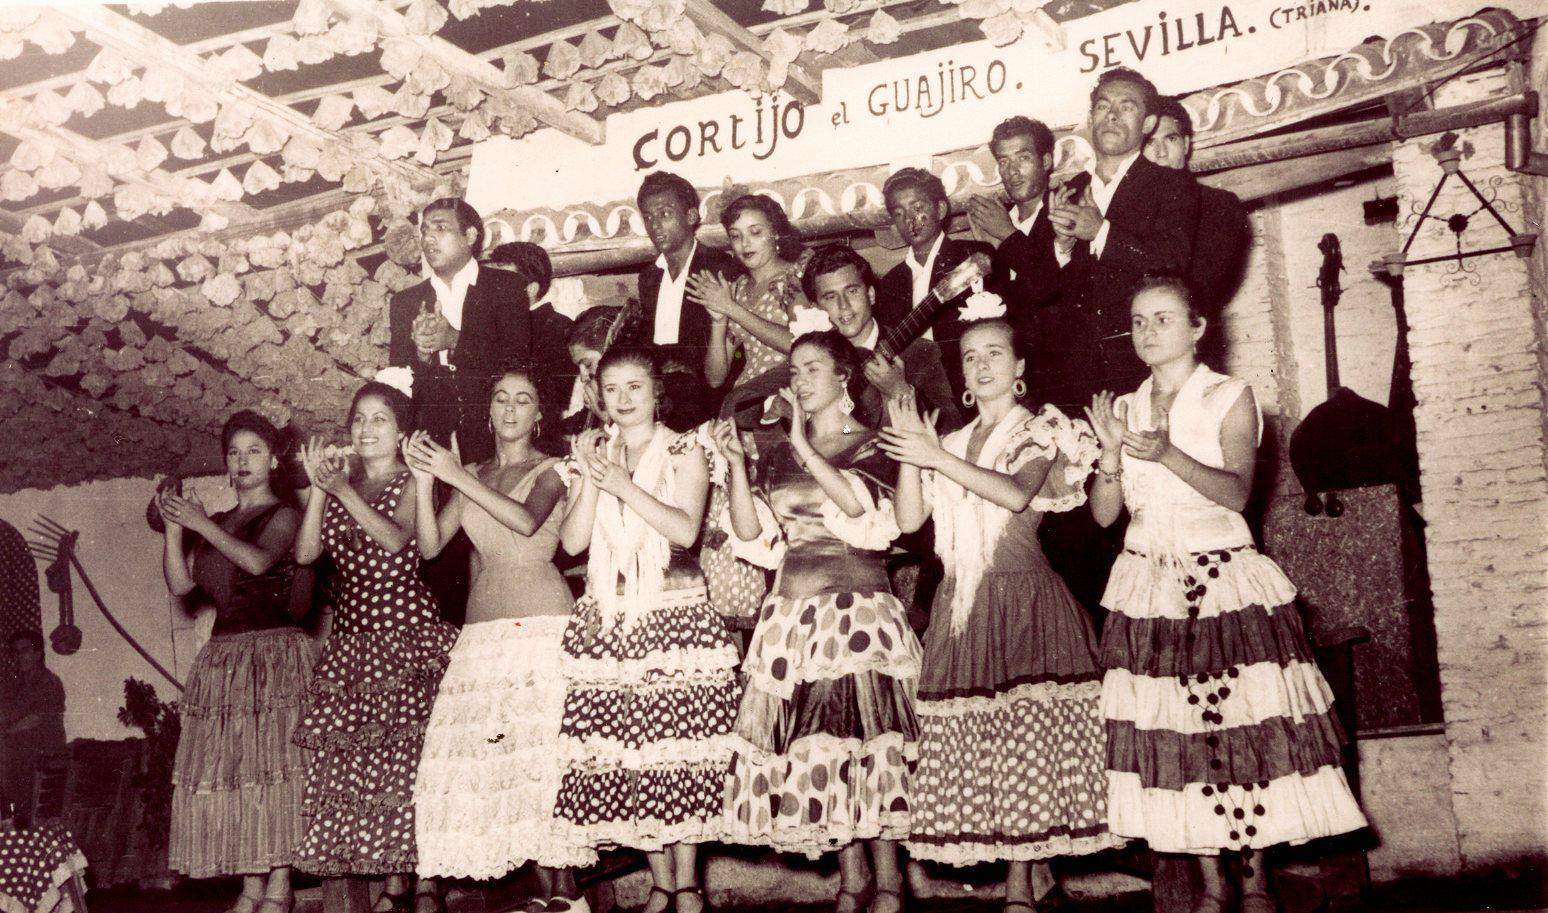 Fotos Antiguas Del Tablao Flamenco El Patio Sevillano La Sevilla